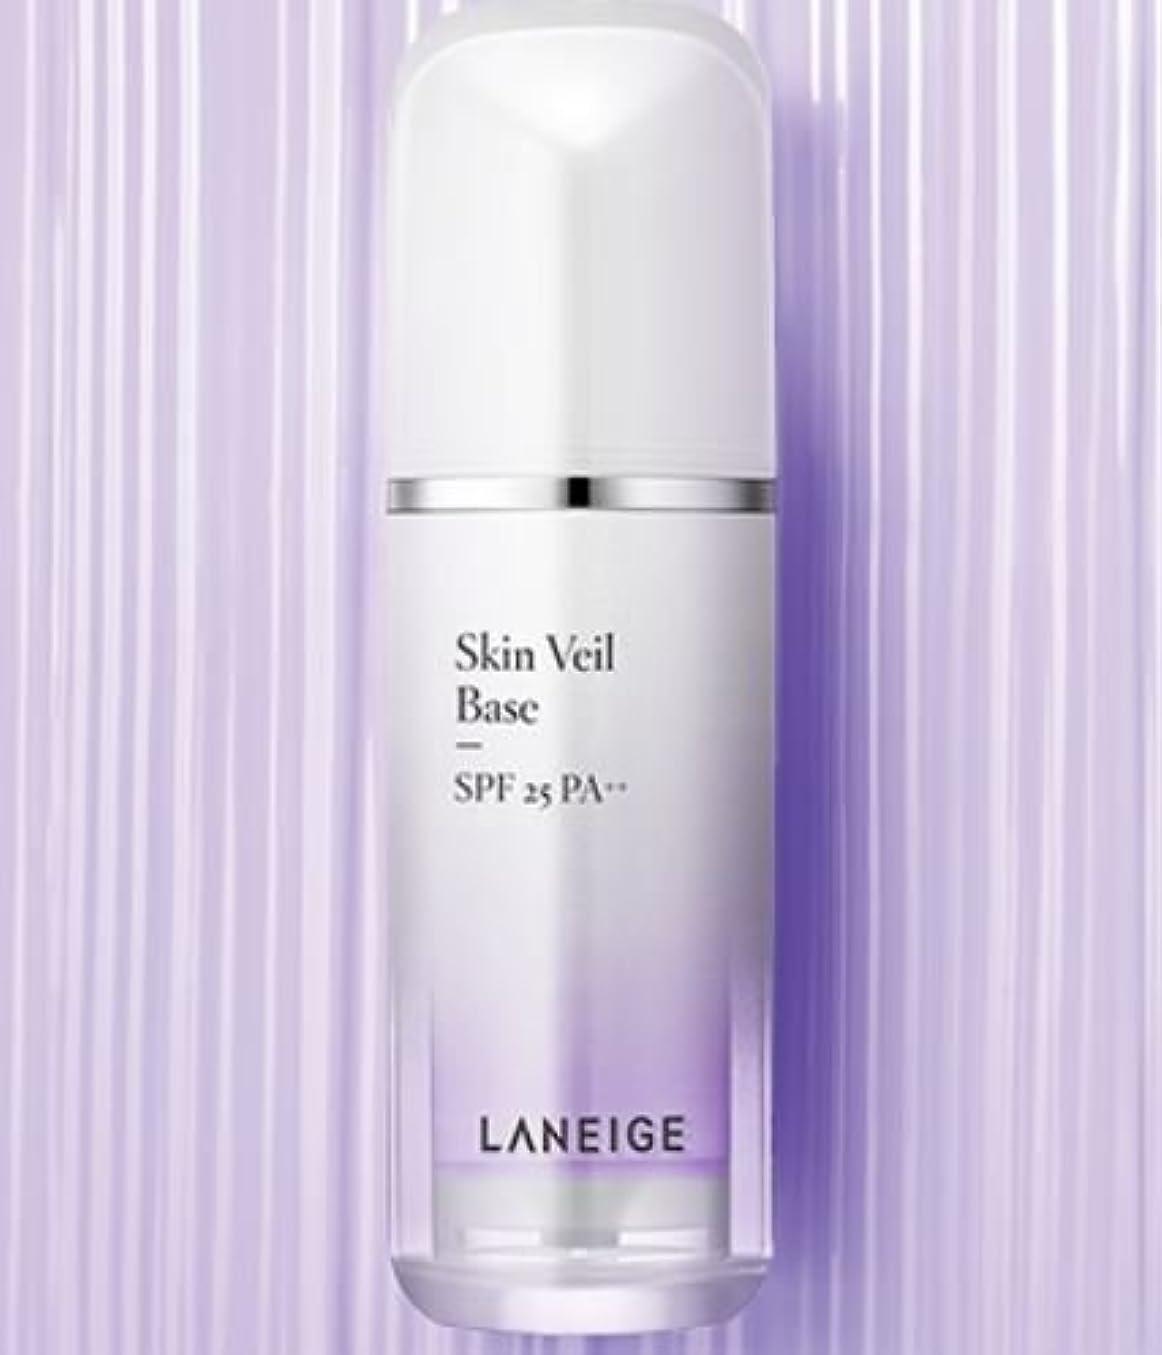 思われるコーン世界の窓[LANEIGE] Skin Veil Base SPF25 PA++ 30ml/[ラネージュ]スキンベールベース SPF25 PA++ 30ml (# 40 Pure Violet/ピュアバイオレット) [並行輸入品]